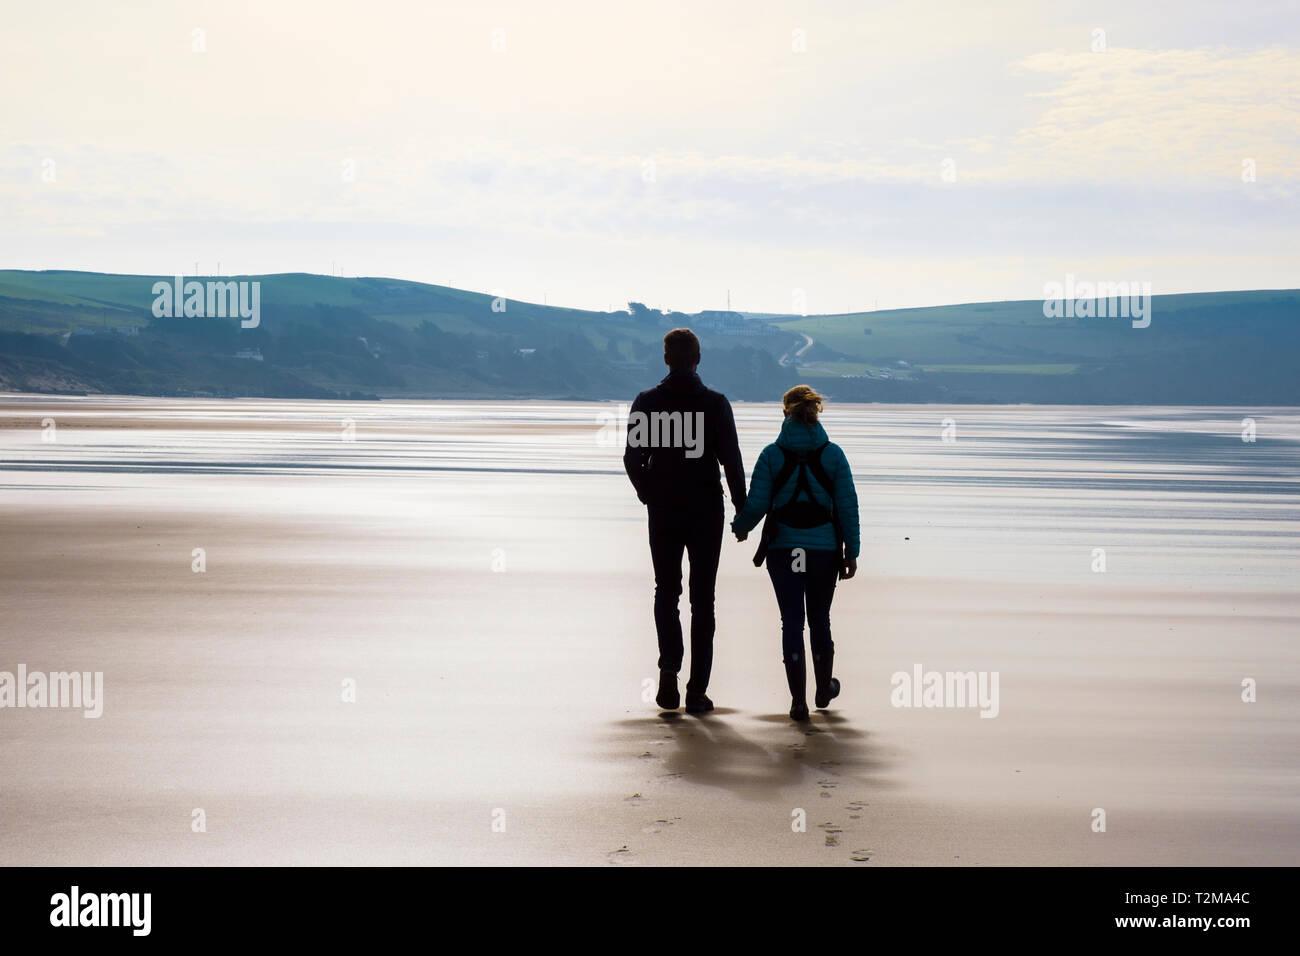 Un couple marchant ensemble sur une paisible plage de sable à marée basse. Woolacombe, North Devon, England, UK, Grande-Bretagne Photo Stock